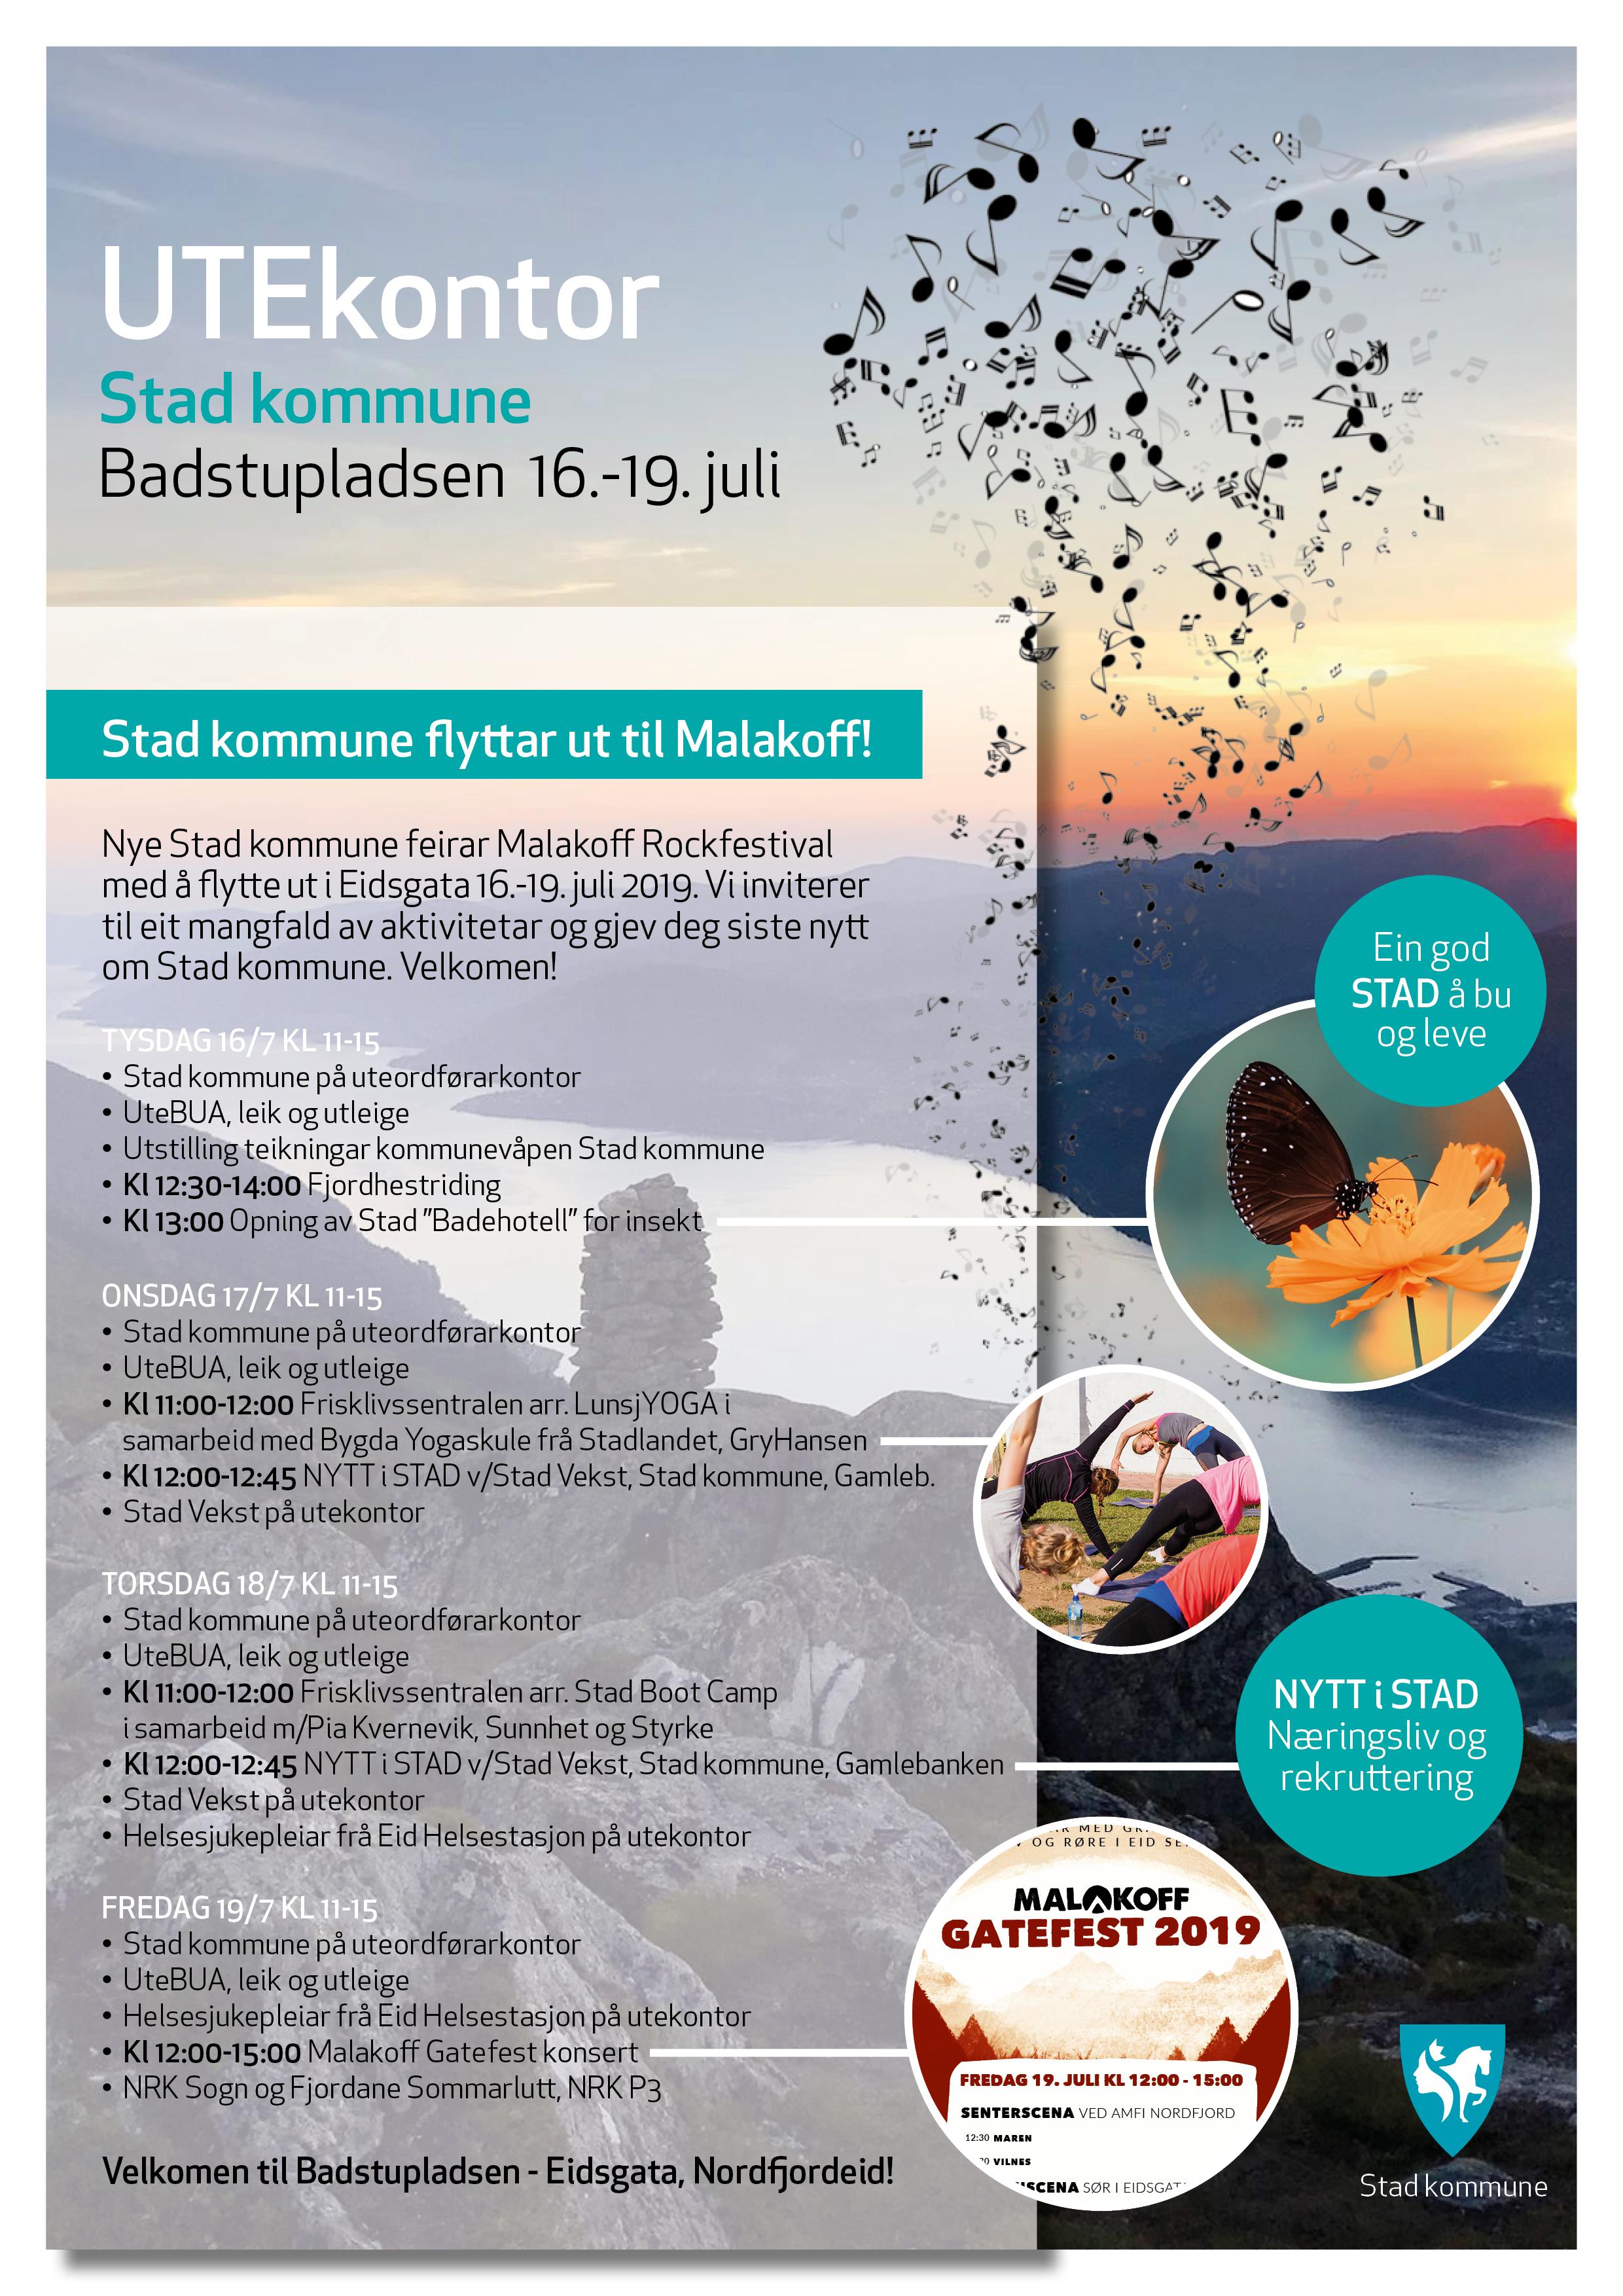 Utekontor Stad kommune program.jpg